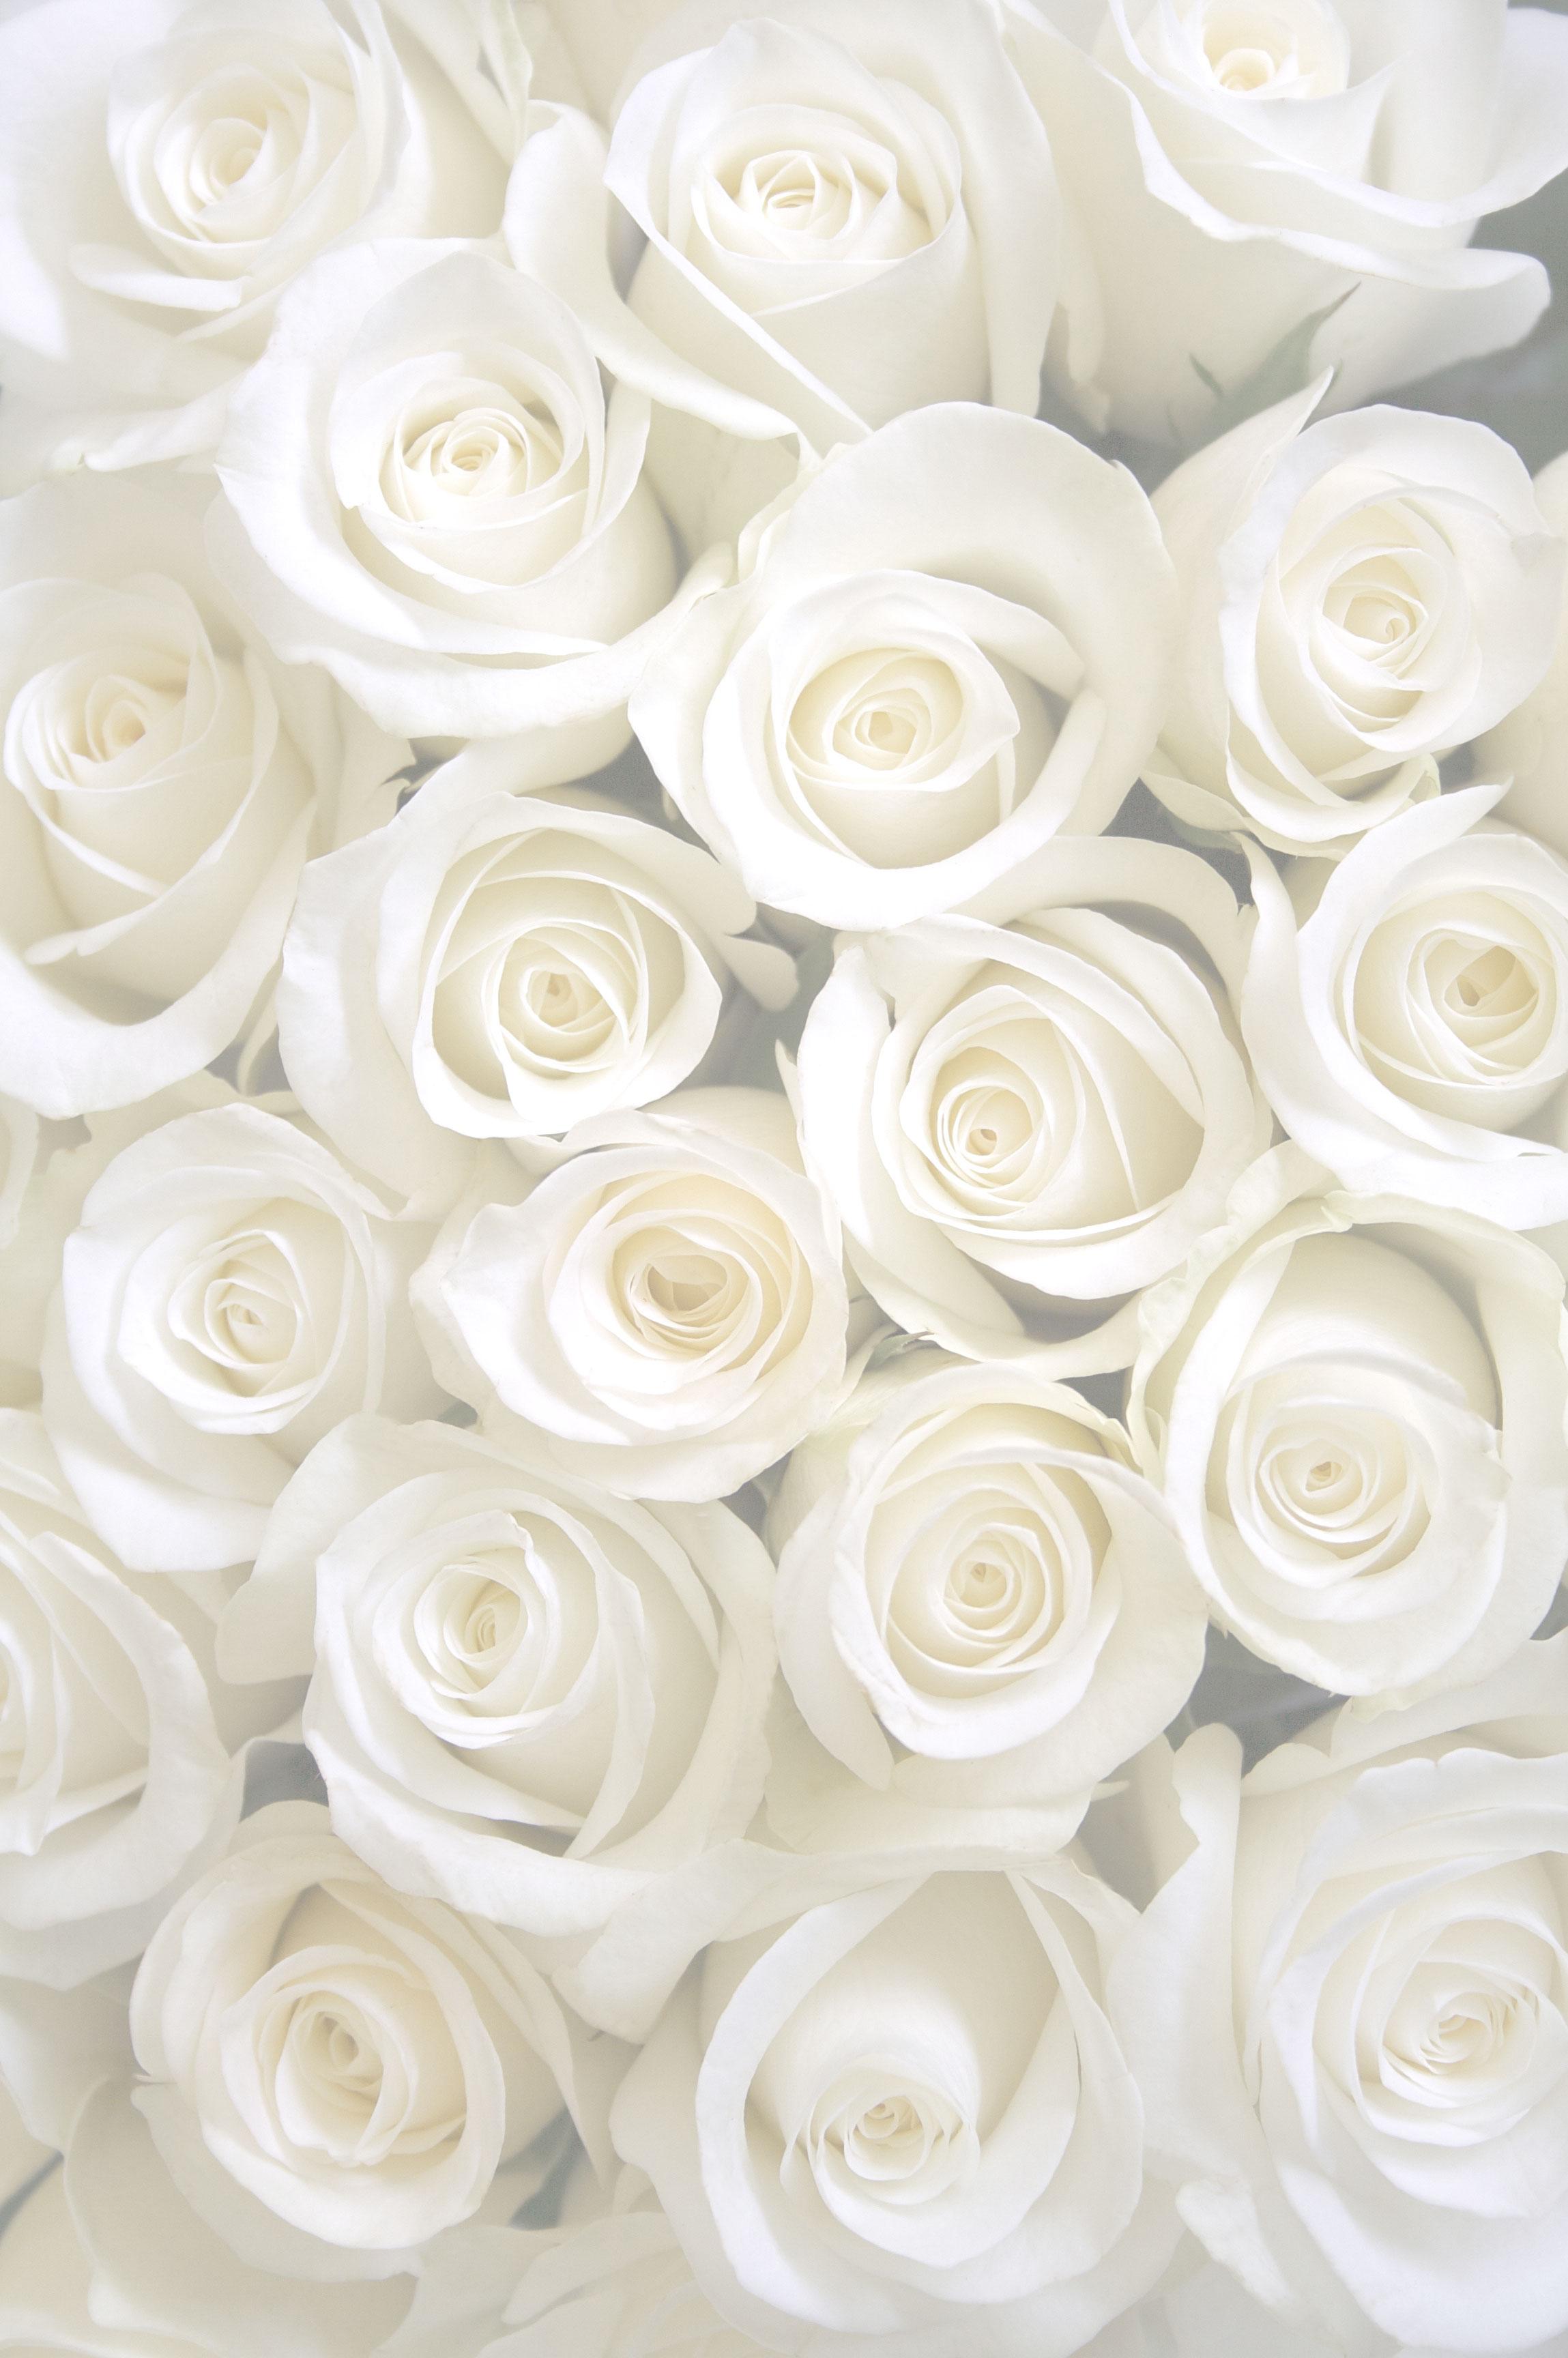 Hình ảnh hoa hồng trắng làm background